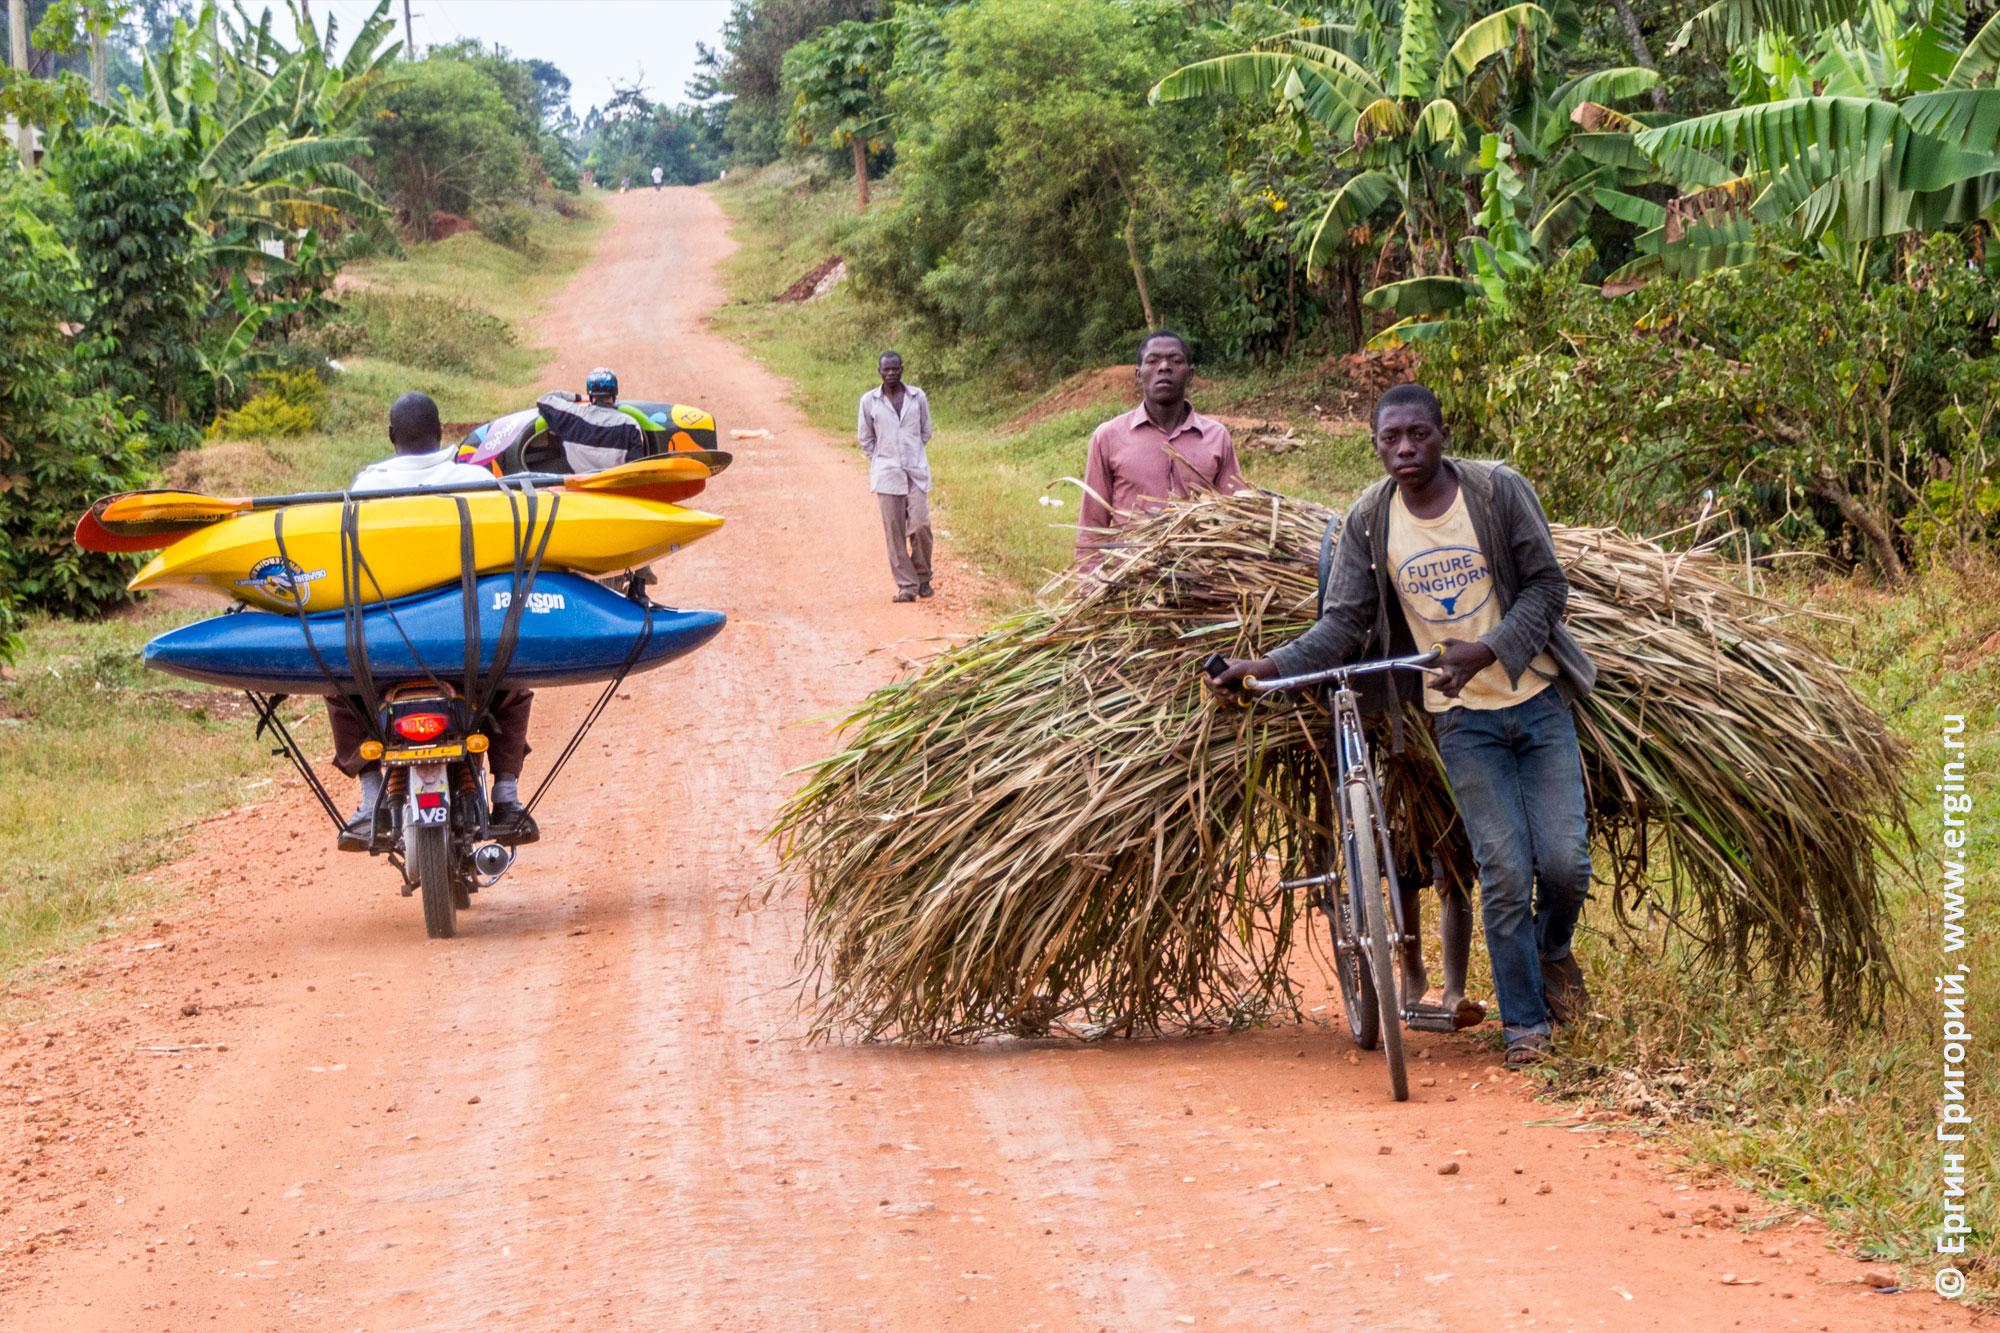 Каяки на мотоциклах бода-бода и сахарный тростник на велосипеде местного жителя